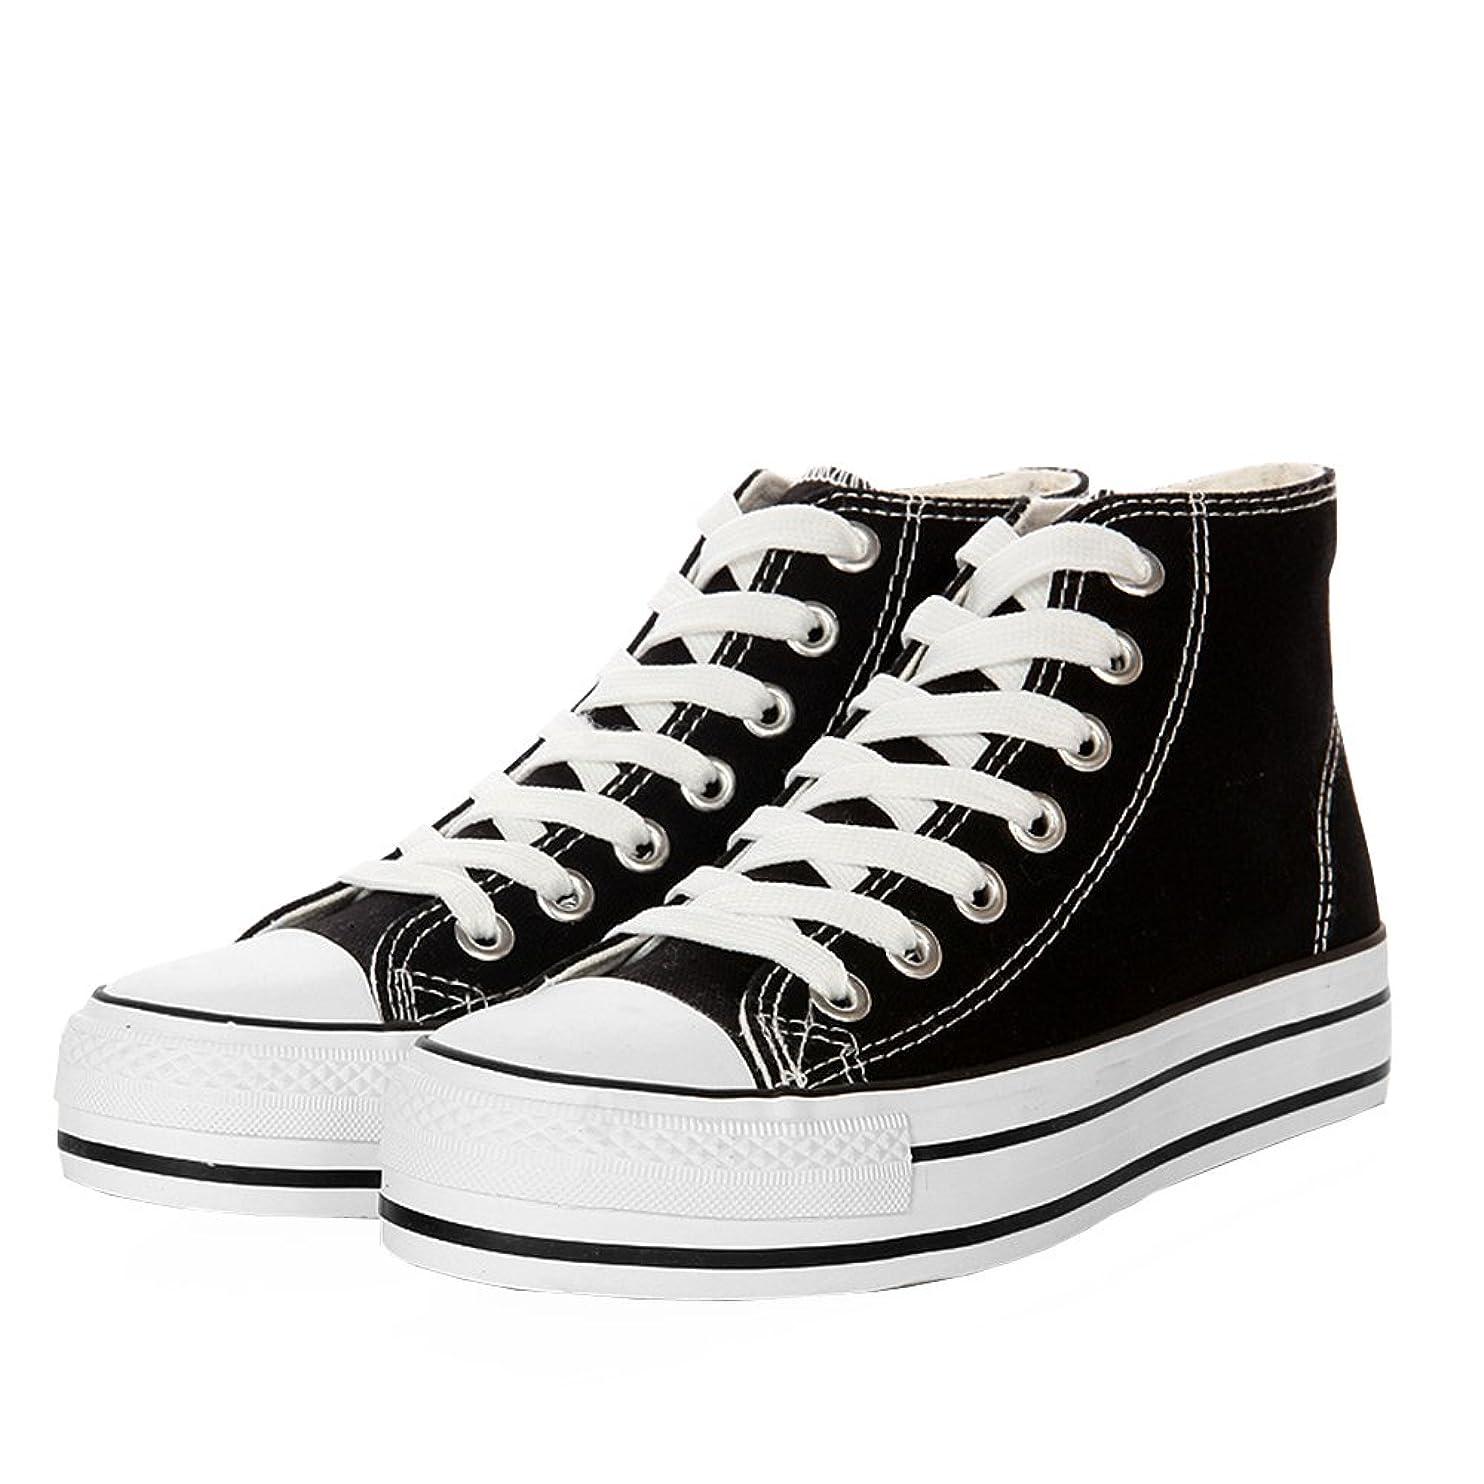 ハーネス性差別今[スフォン] 背が高くなる 6cm UP 春夏 ズック靴 ハイカットスニーカー 厚底 キャンバスシューズ シークレットシューズ